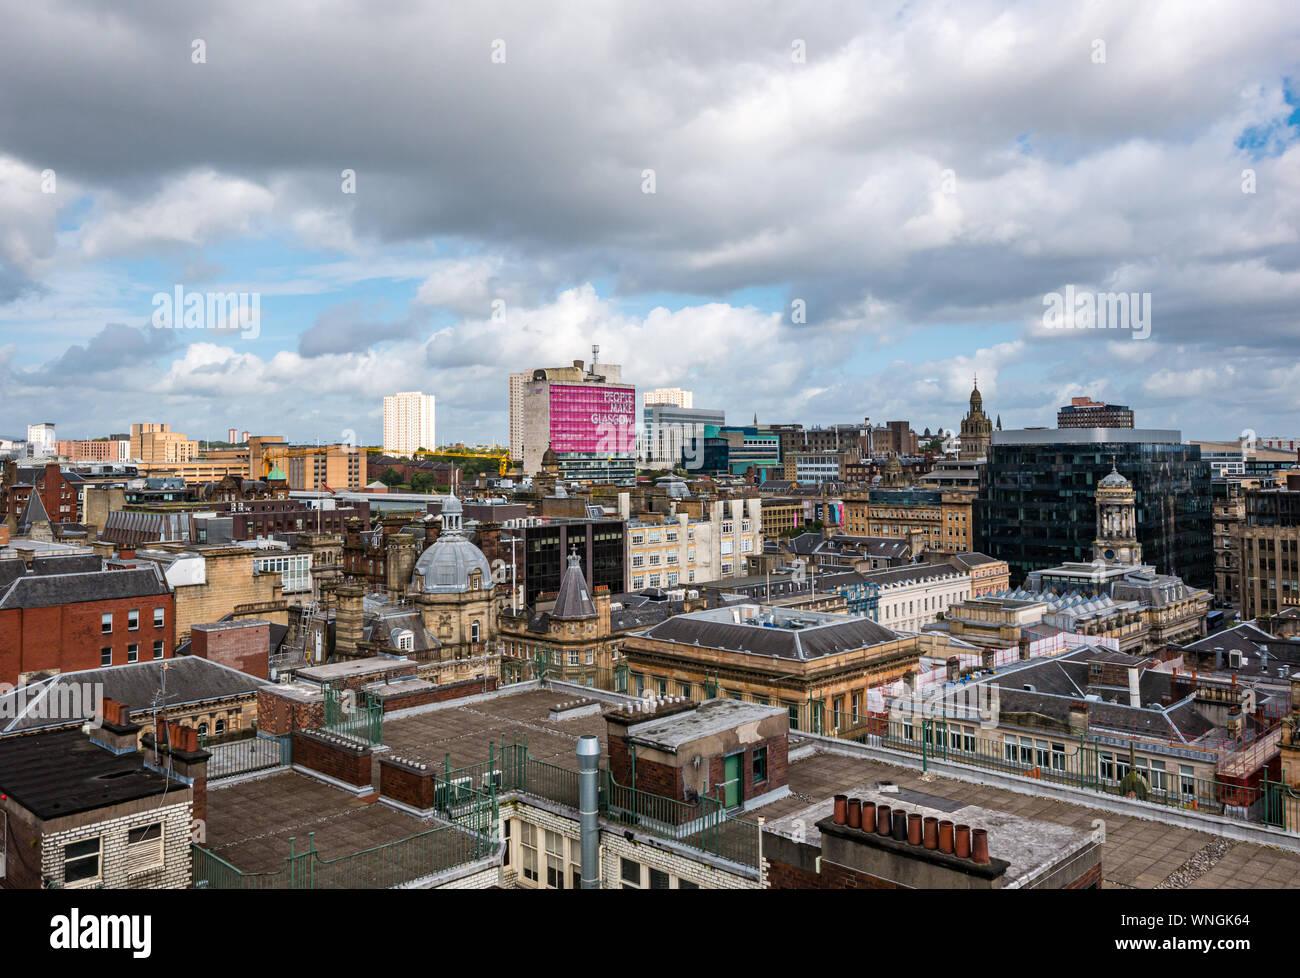 Vue sur la ville de la tour Phare, dont Goma, Glasgow, Écosse, Royaume-Uni Banque D'Images